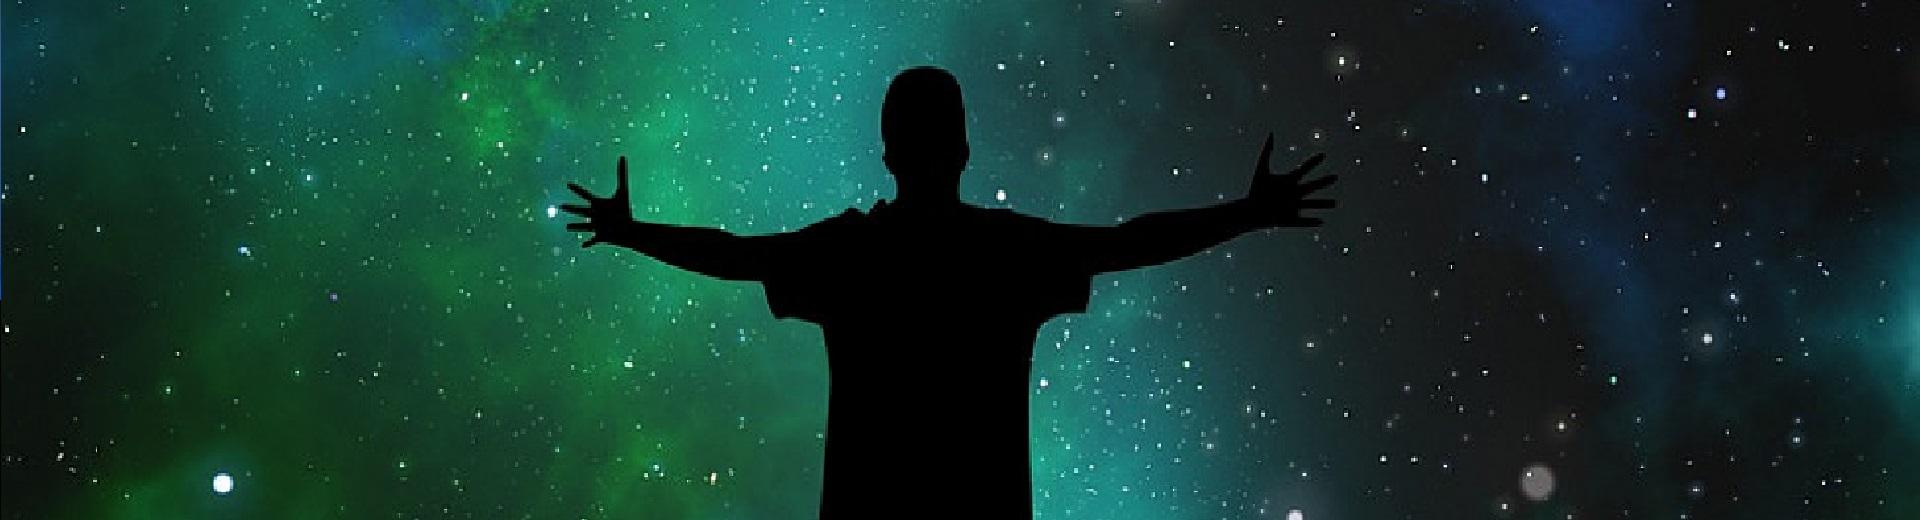 Портал КФУ \ Образование \ Институт физики \ Структура \ Кафедры \ Астрономическая обсерватория им.Энгельгардта (АОЭ) \ История